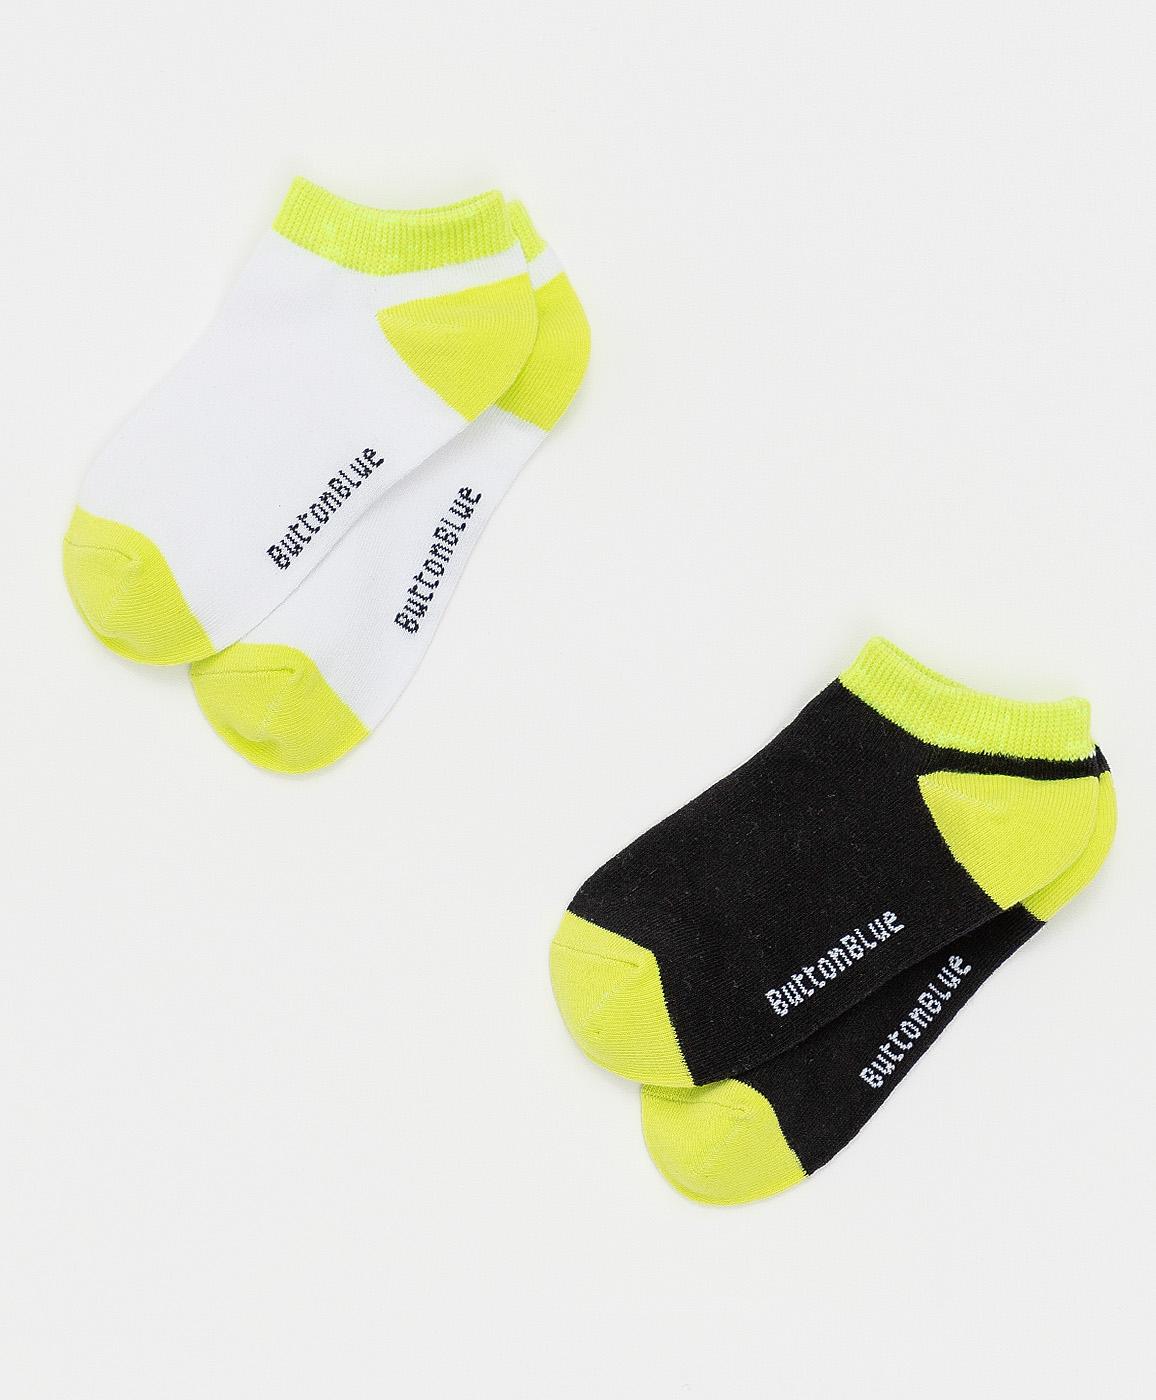 Купить 121BBBMU85030802, Белые носки Button Blue, белый, 16-18, Мужской, ВЕСНА/ЛЕТО 2021 (shop: GulliverMarket Gulliver Market)